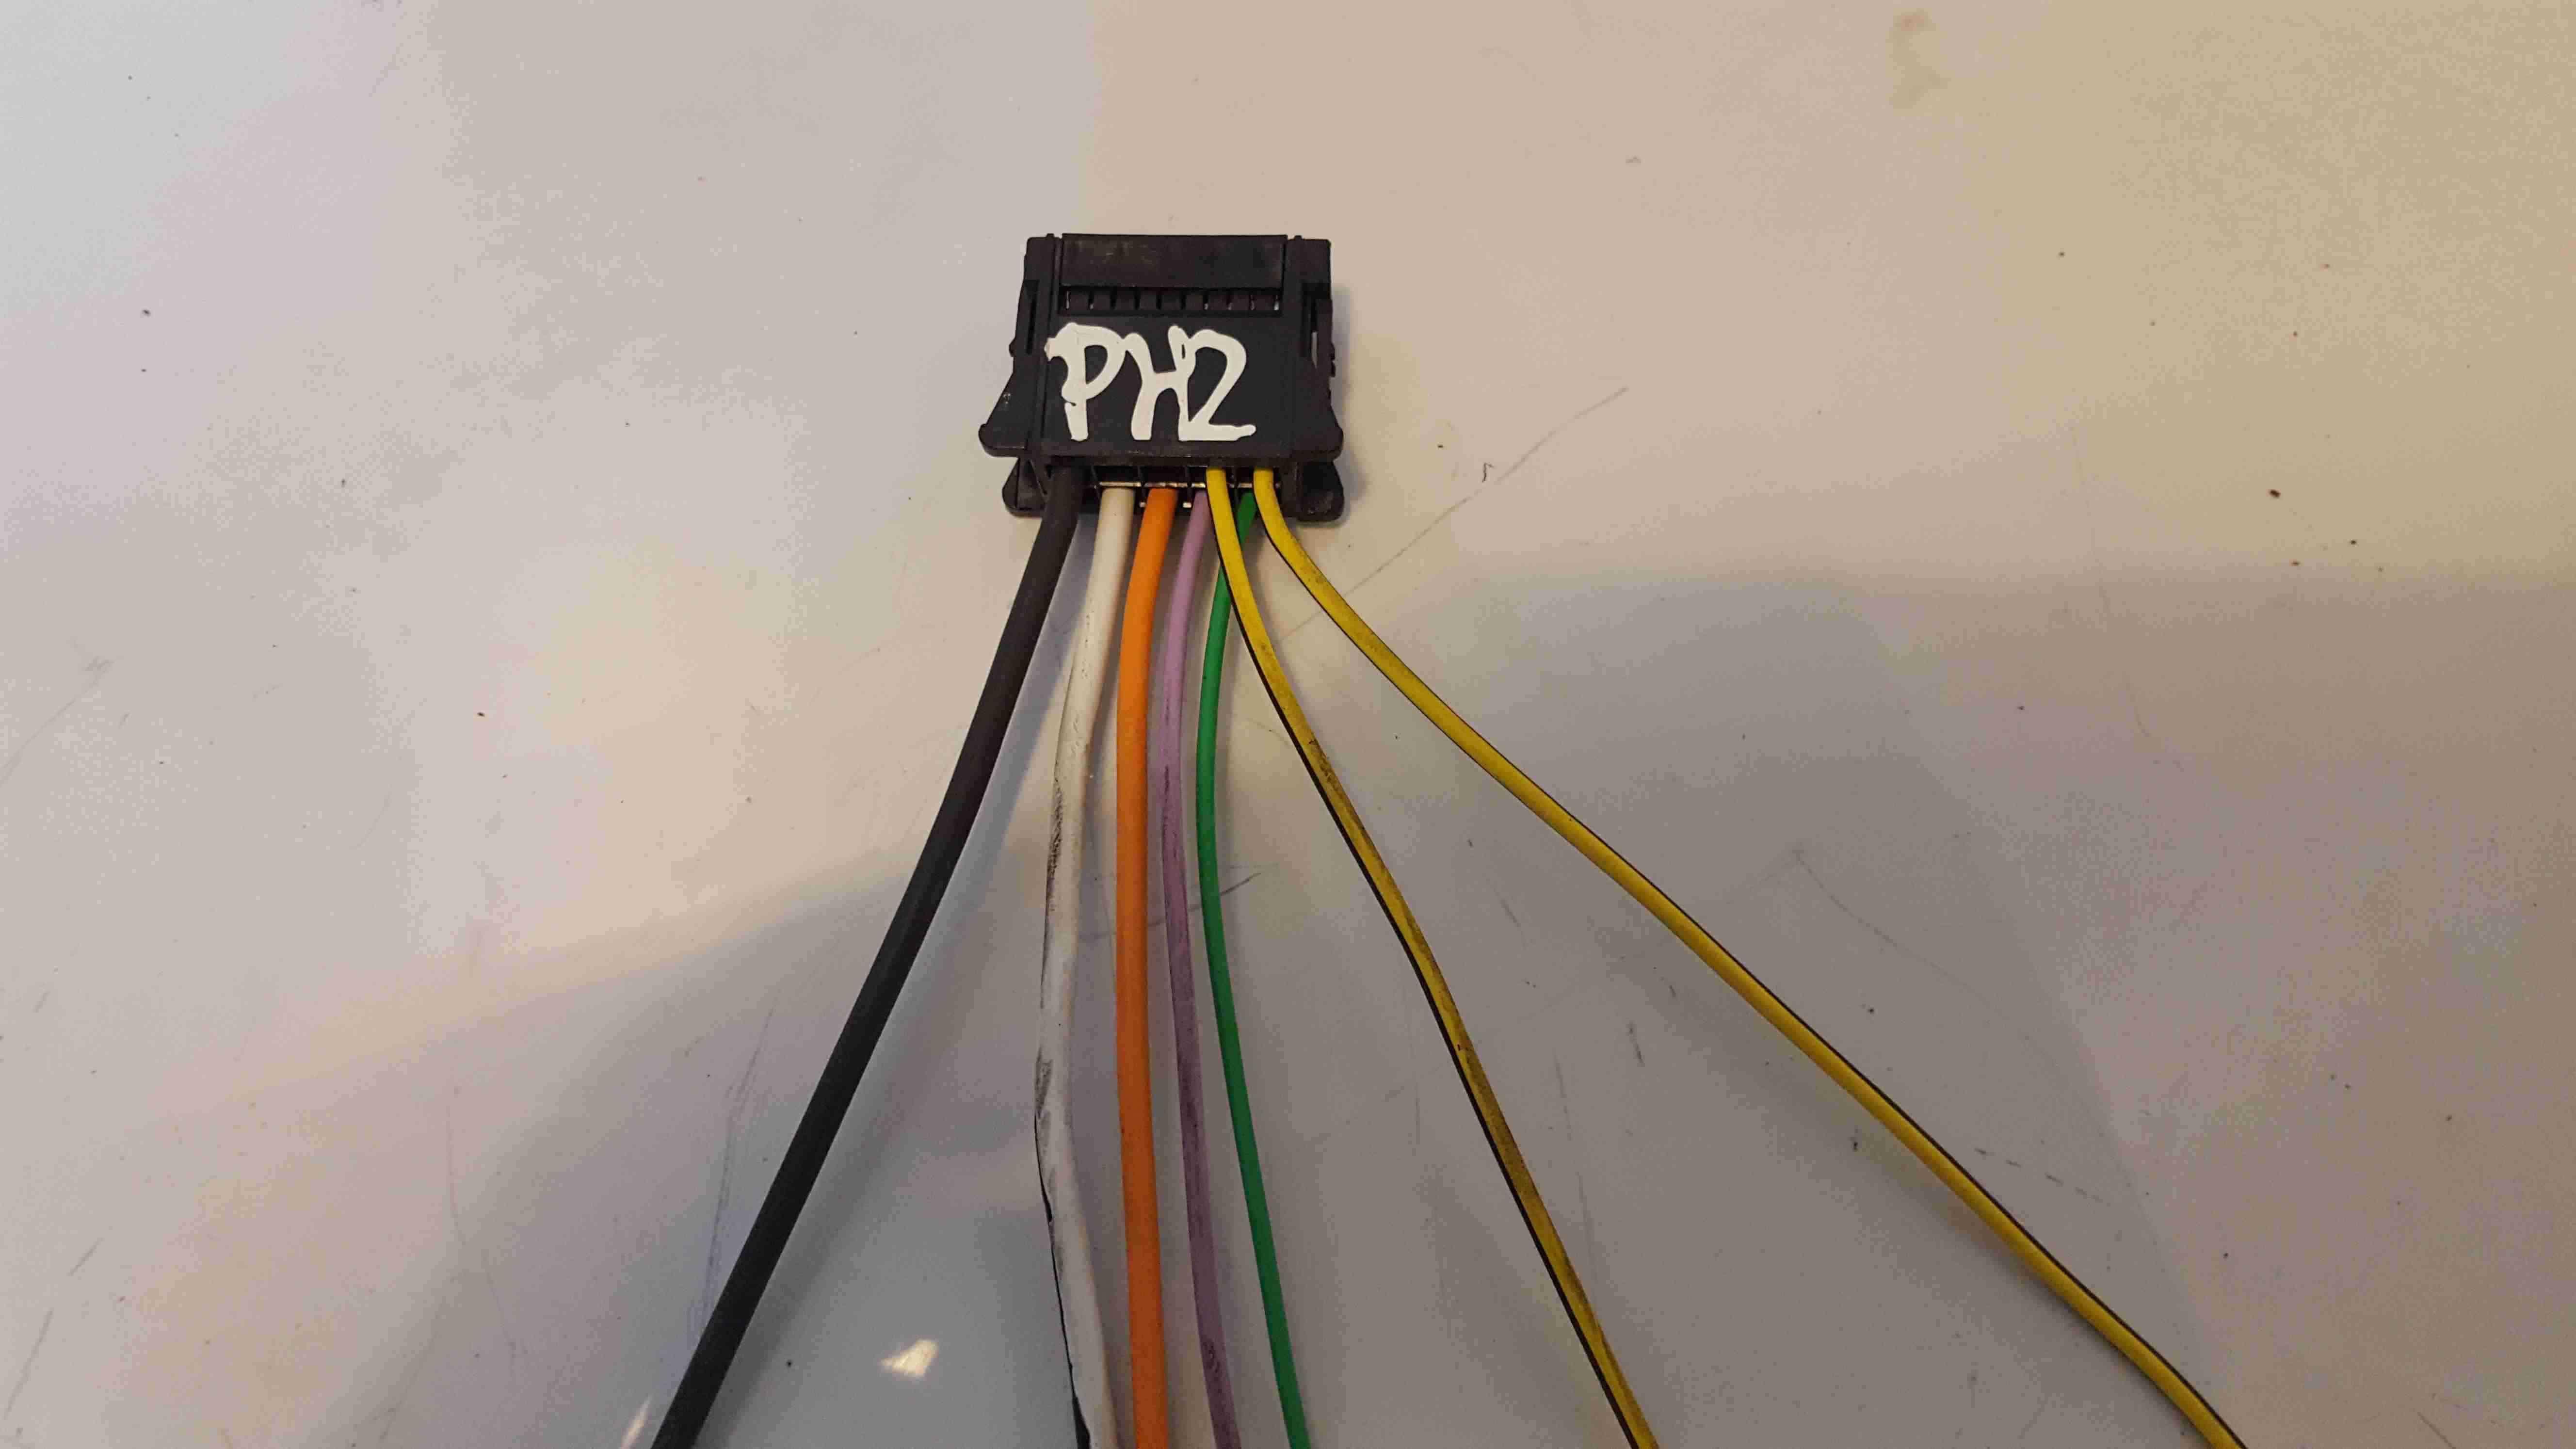 Renault Clio MK3 2009-2012 Heater Motor Resistor Repair Loom 7 Wires